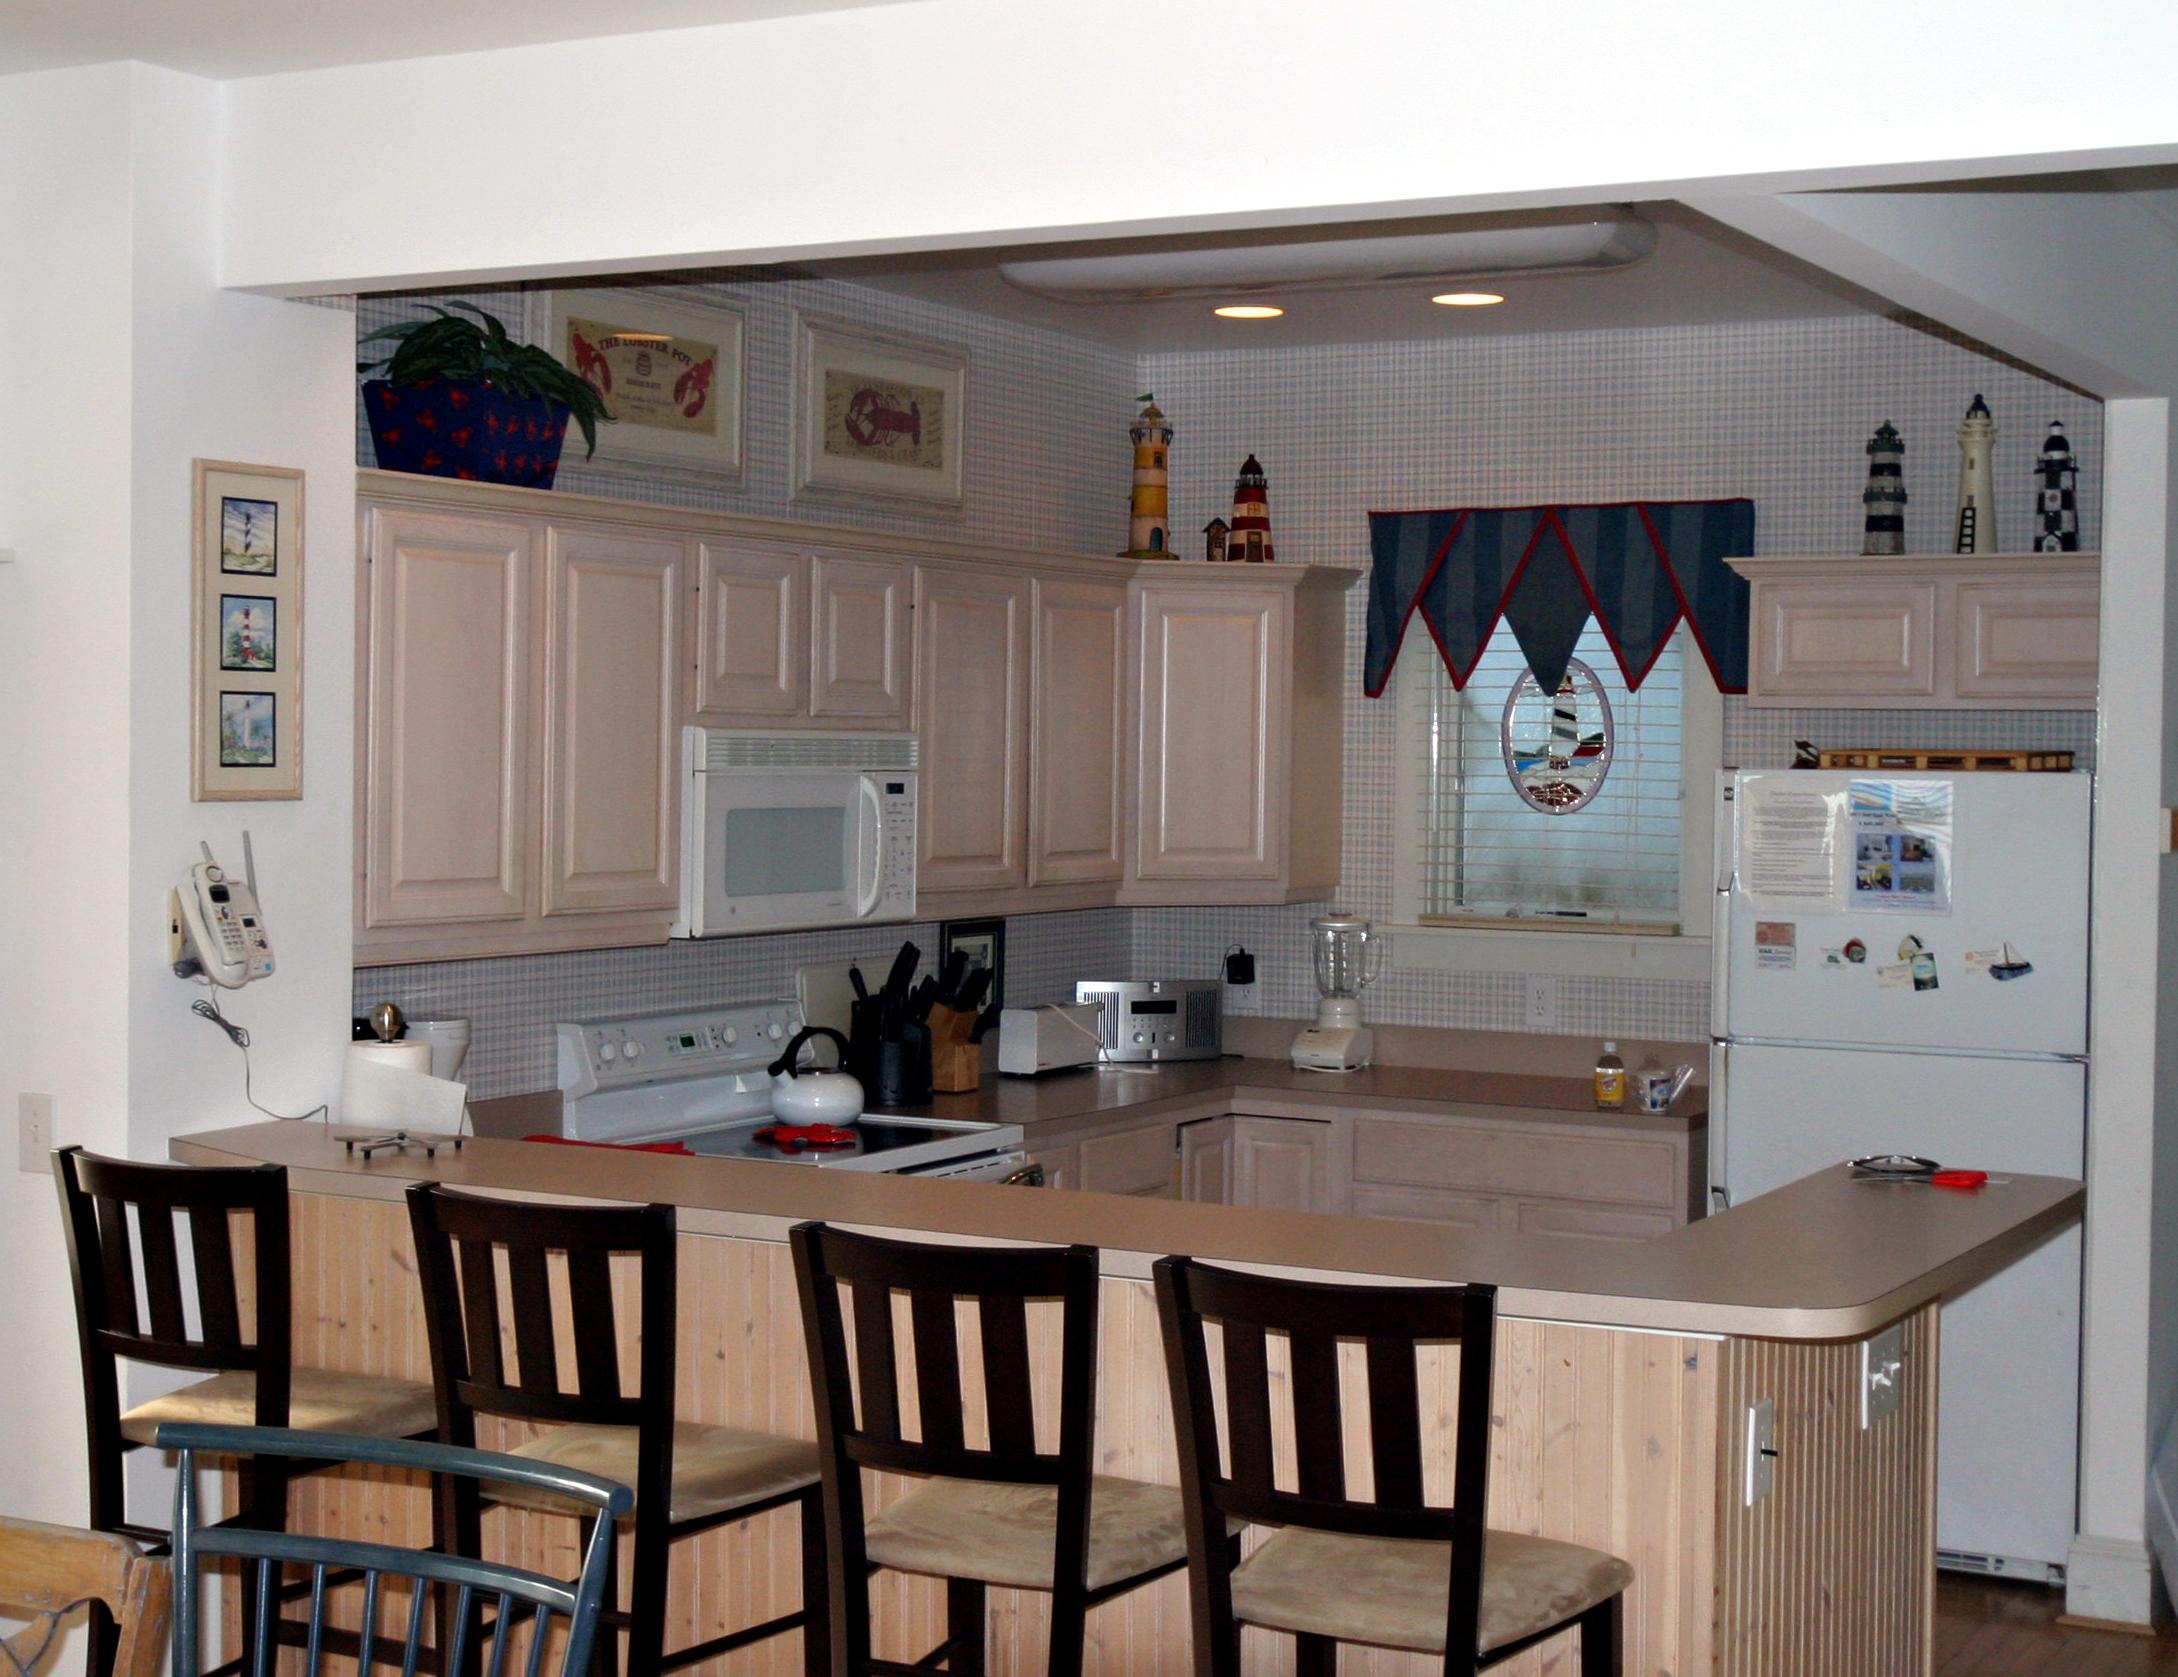 petites-idées-d'aménagement-de-cuisine-est-l'une-des-meilleures-idées-pour-redécorer-votre-cuisine-20